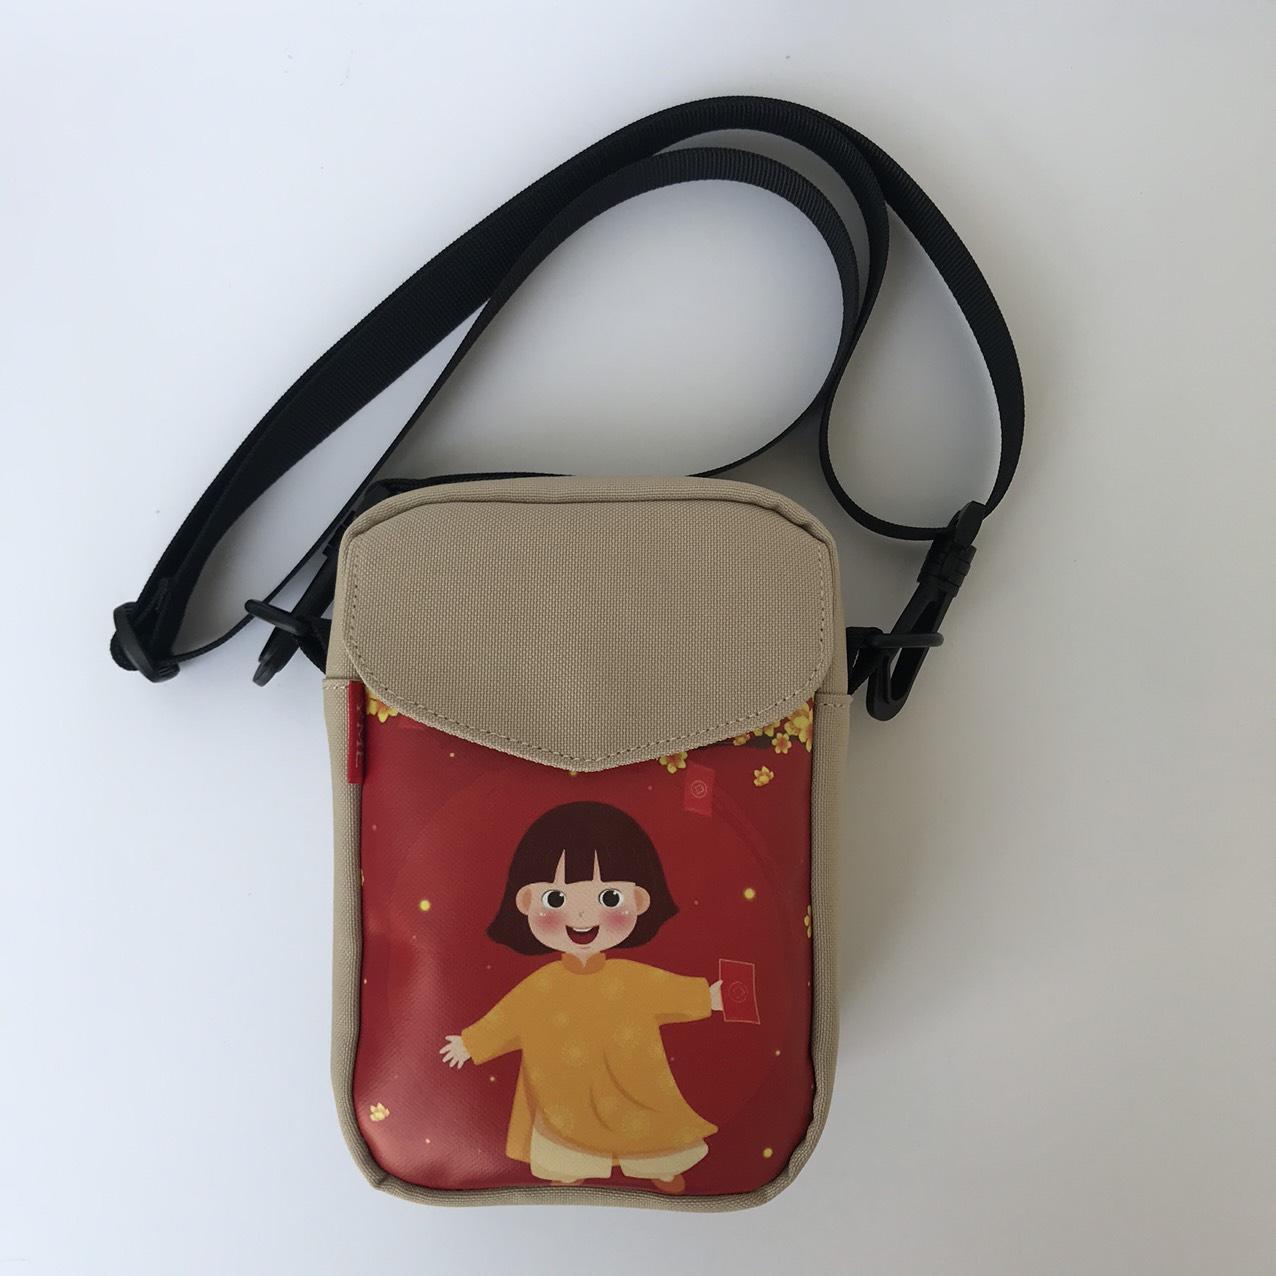 Túi đeo chéo chơi tết Túi đựng lì xì đáng yêu cho bé